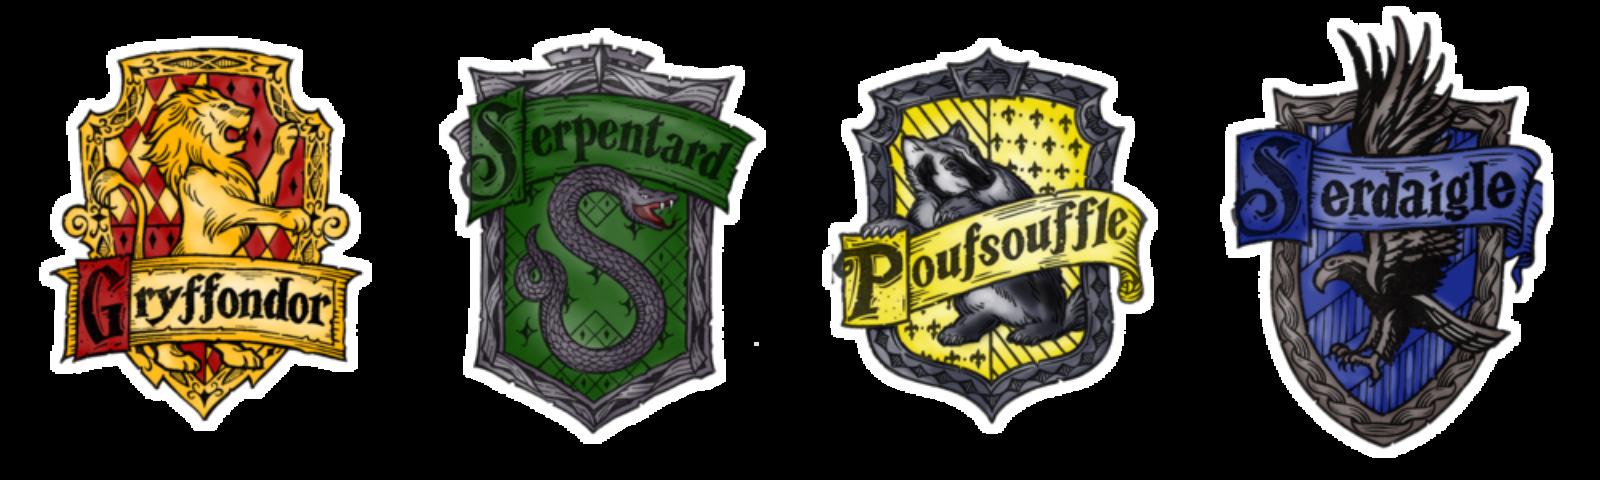 Une semaine thématique dans l'univers d'Harry Potter